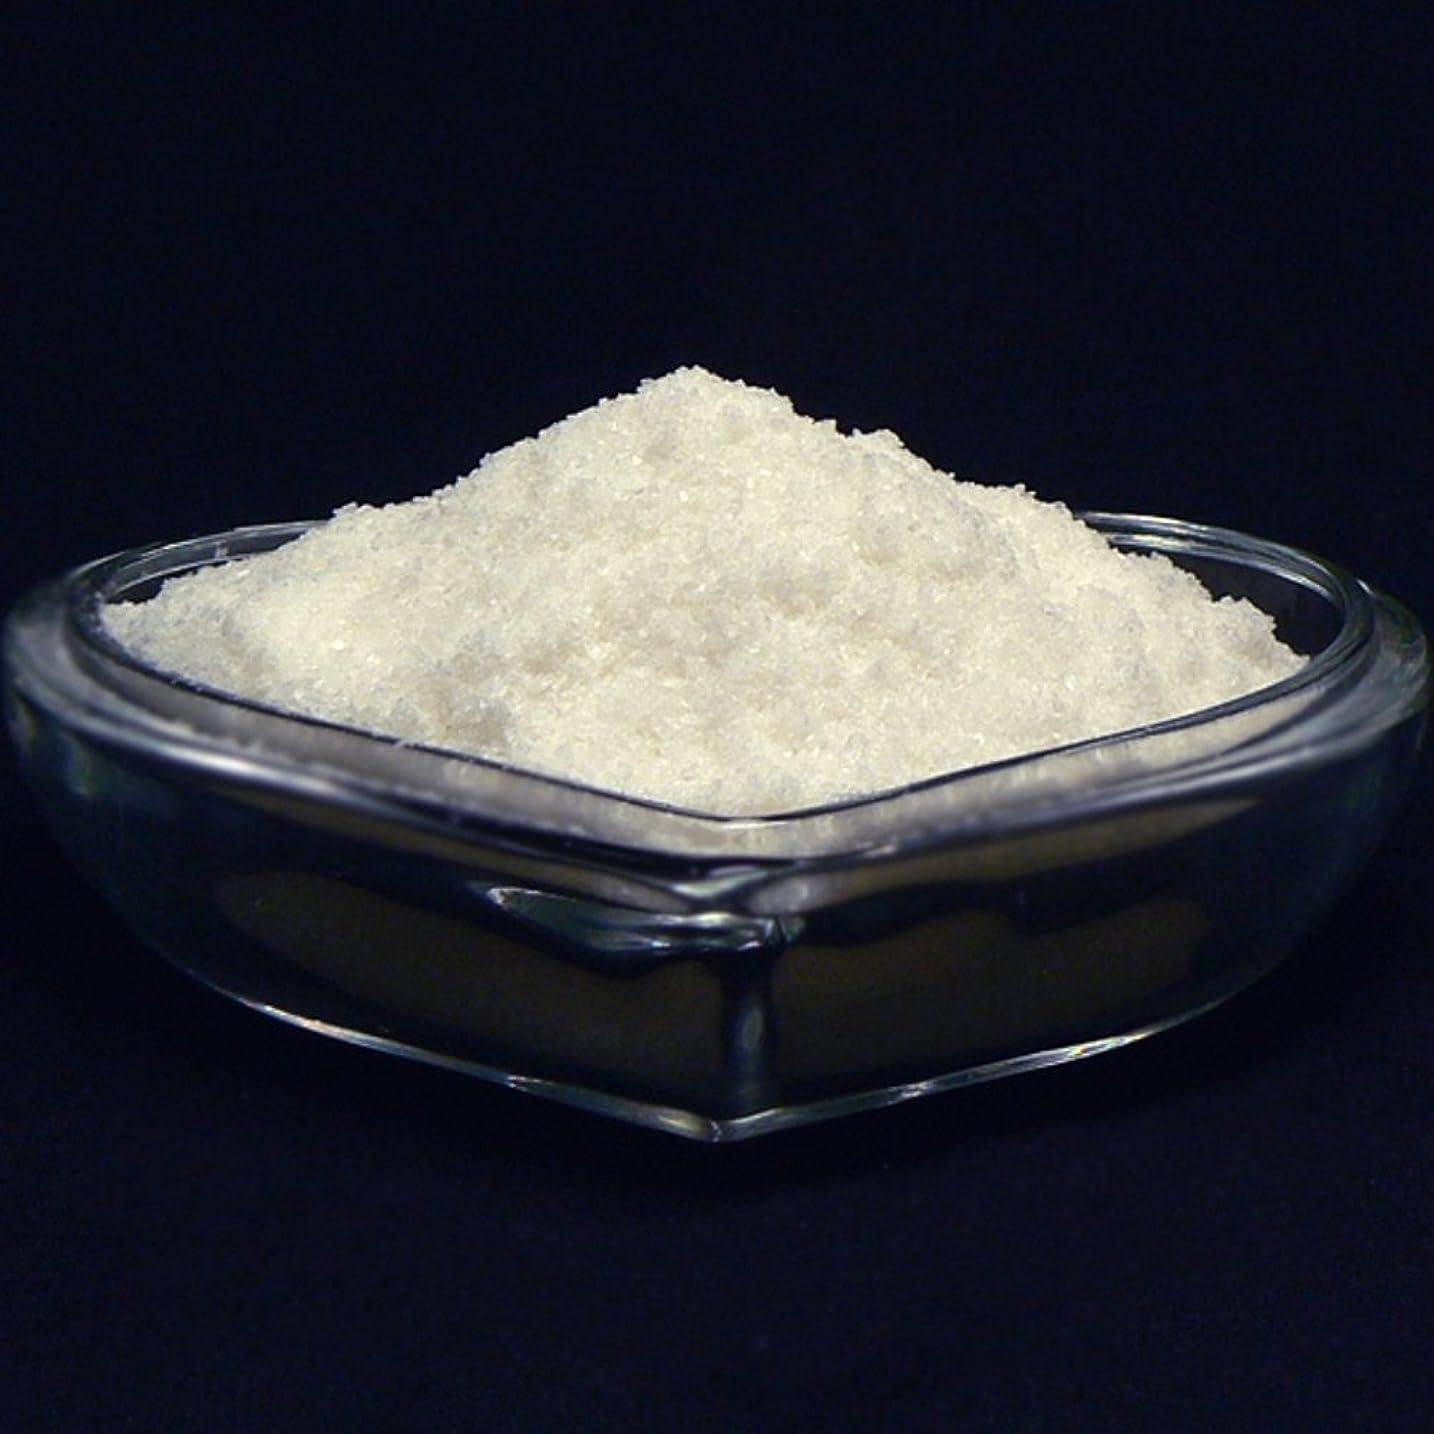 反動案件土器ヒマラヤ岩塩 クリスタルソルト 入浴用 バスソルト(パウダー)白岩塩 (1kg+250g増量)